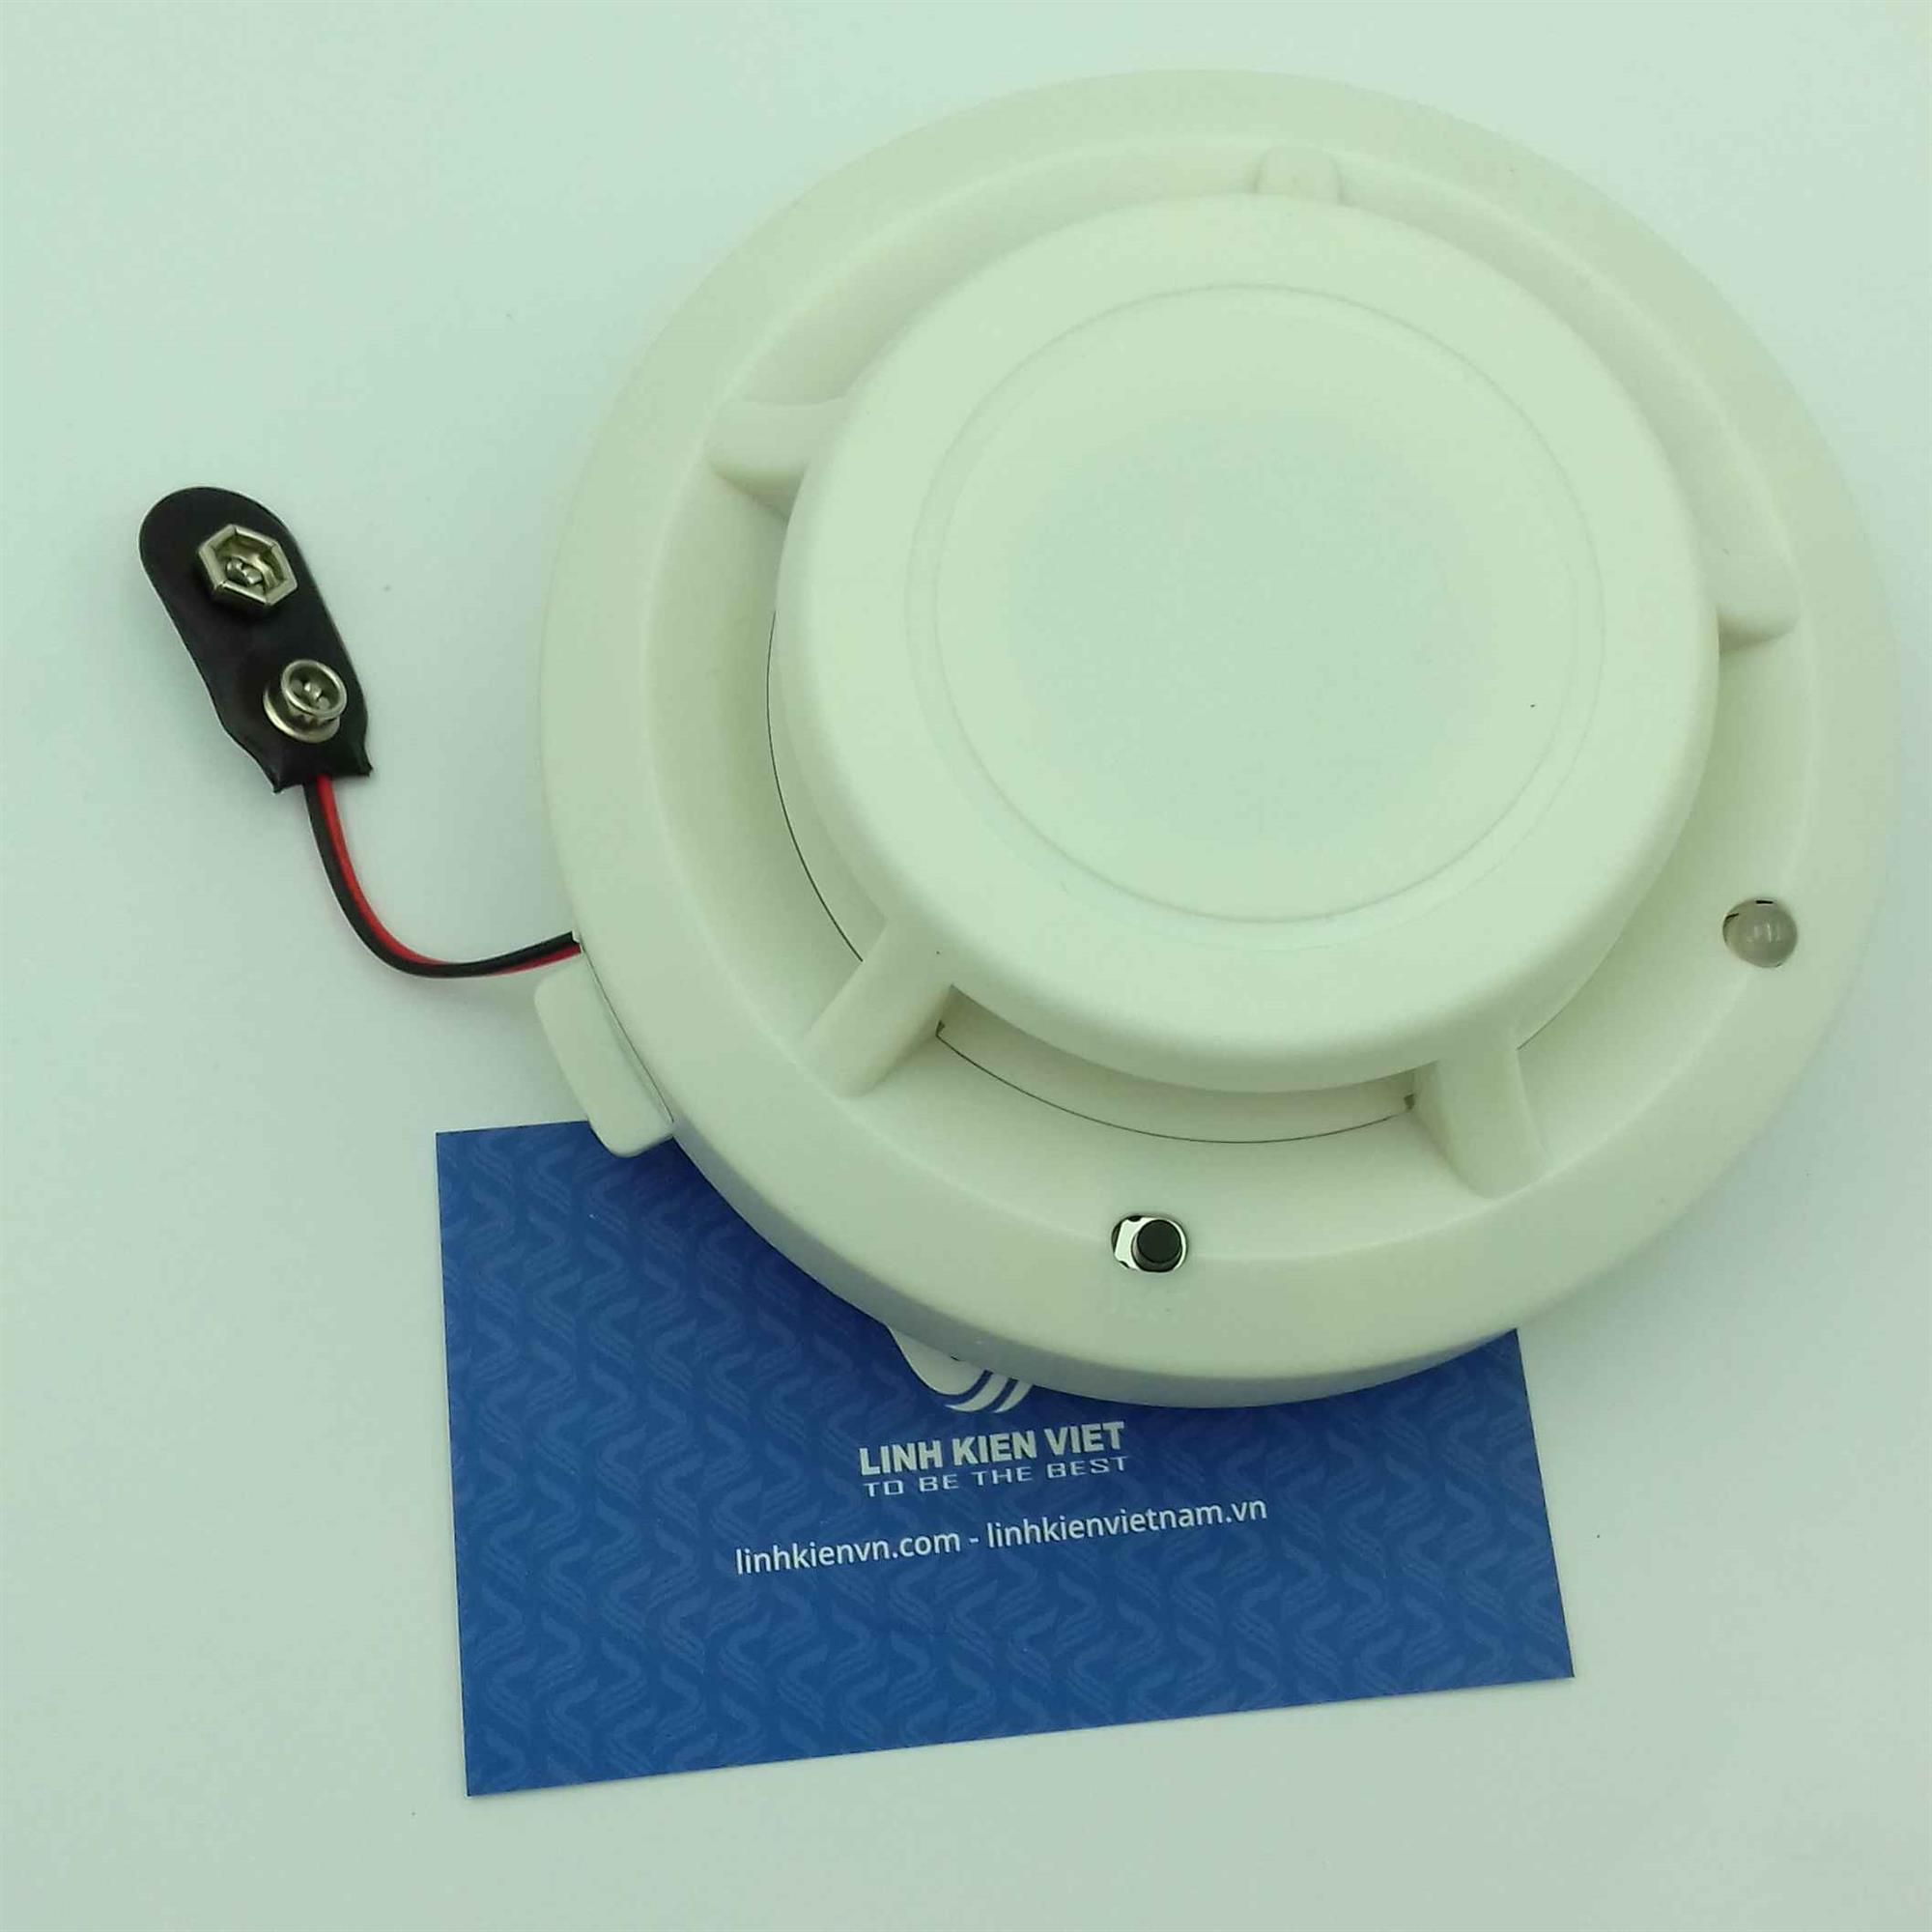 Thiết bị báo cháy, báo khói SA1201 9V không dây / Cảm biến khói